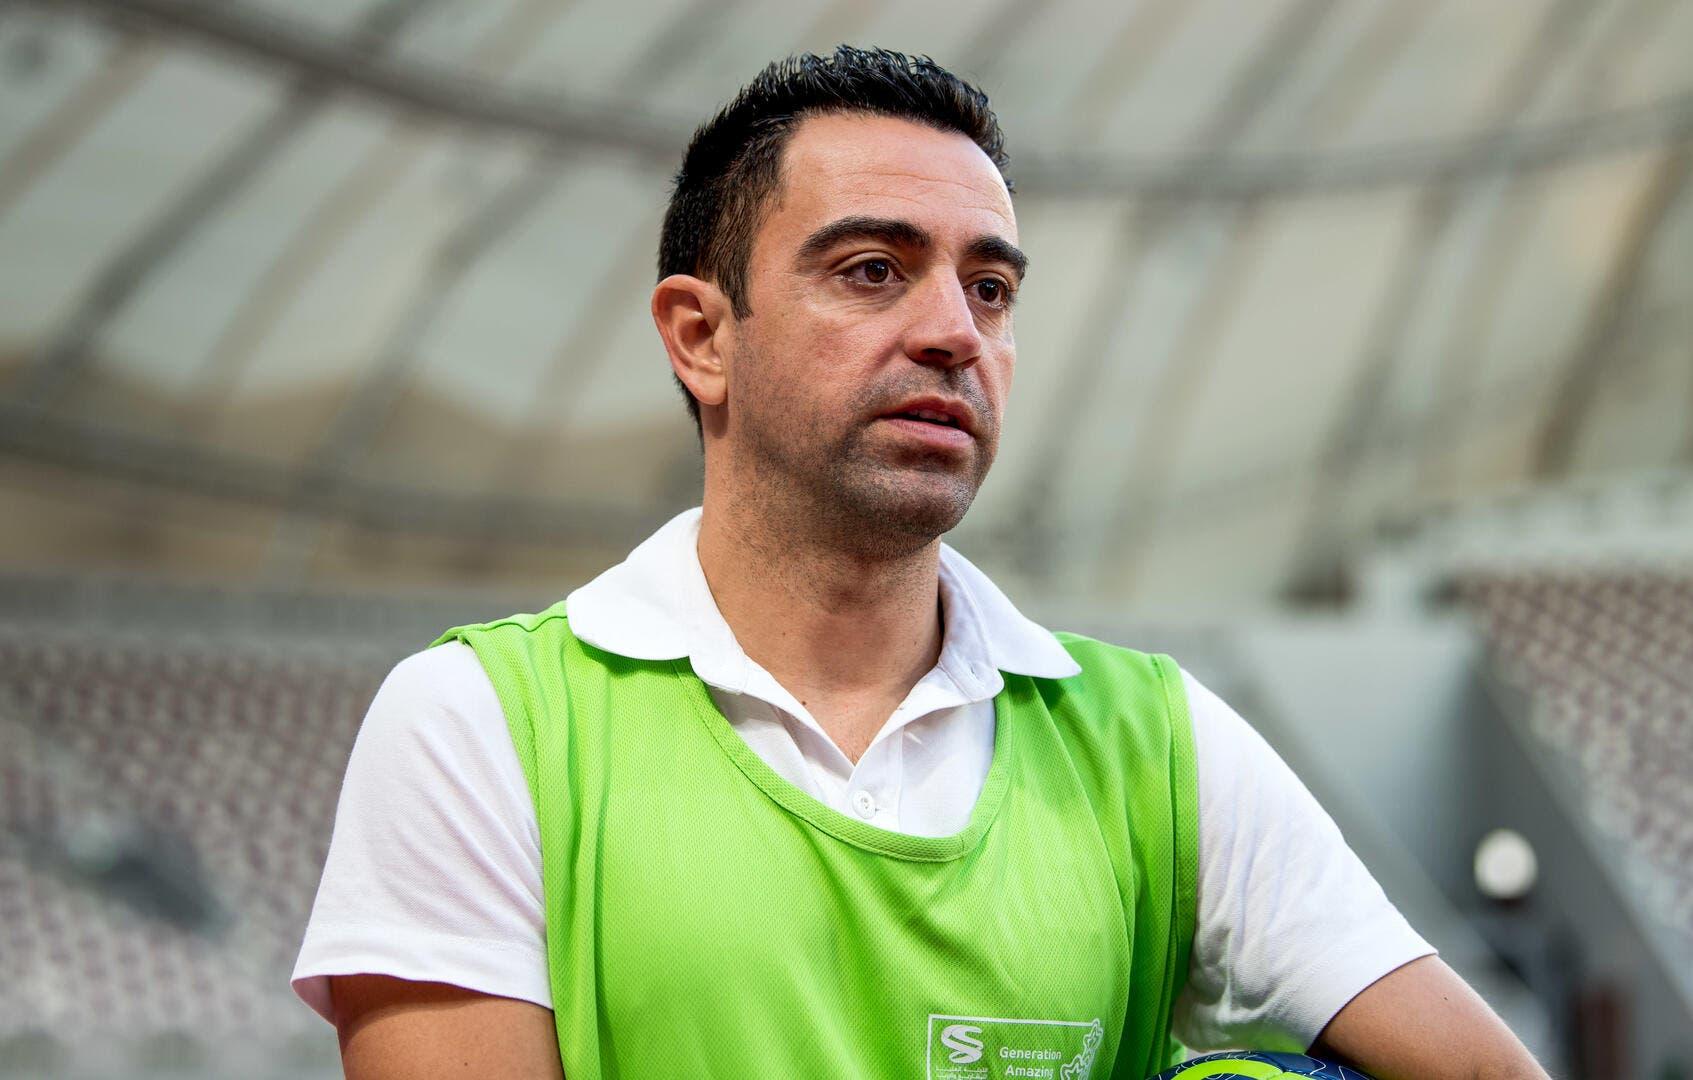 Esp : Xavi explique son refus, le Barça méritait mieux que lui